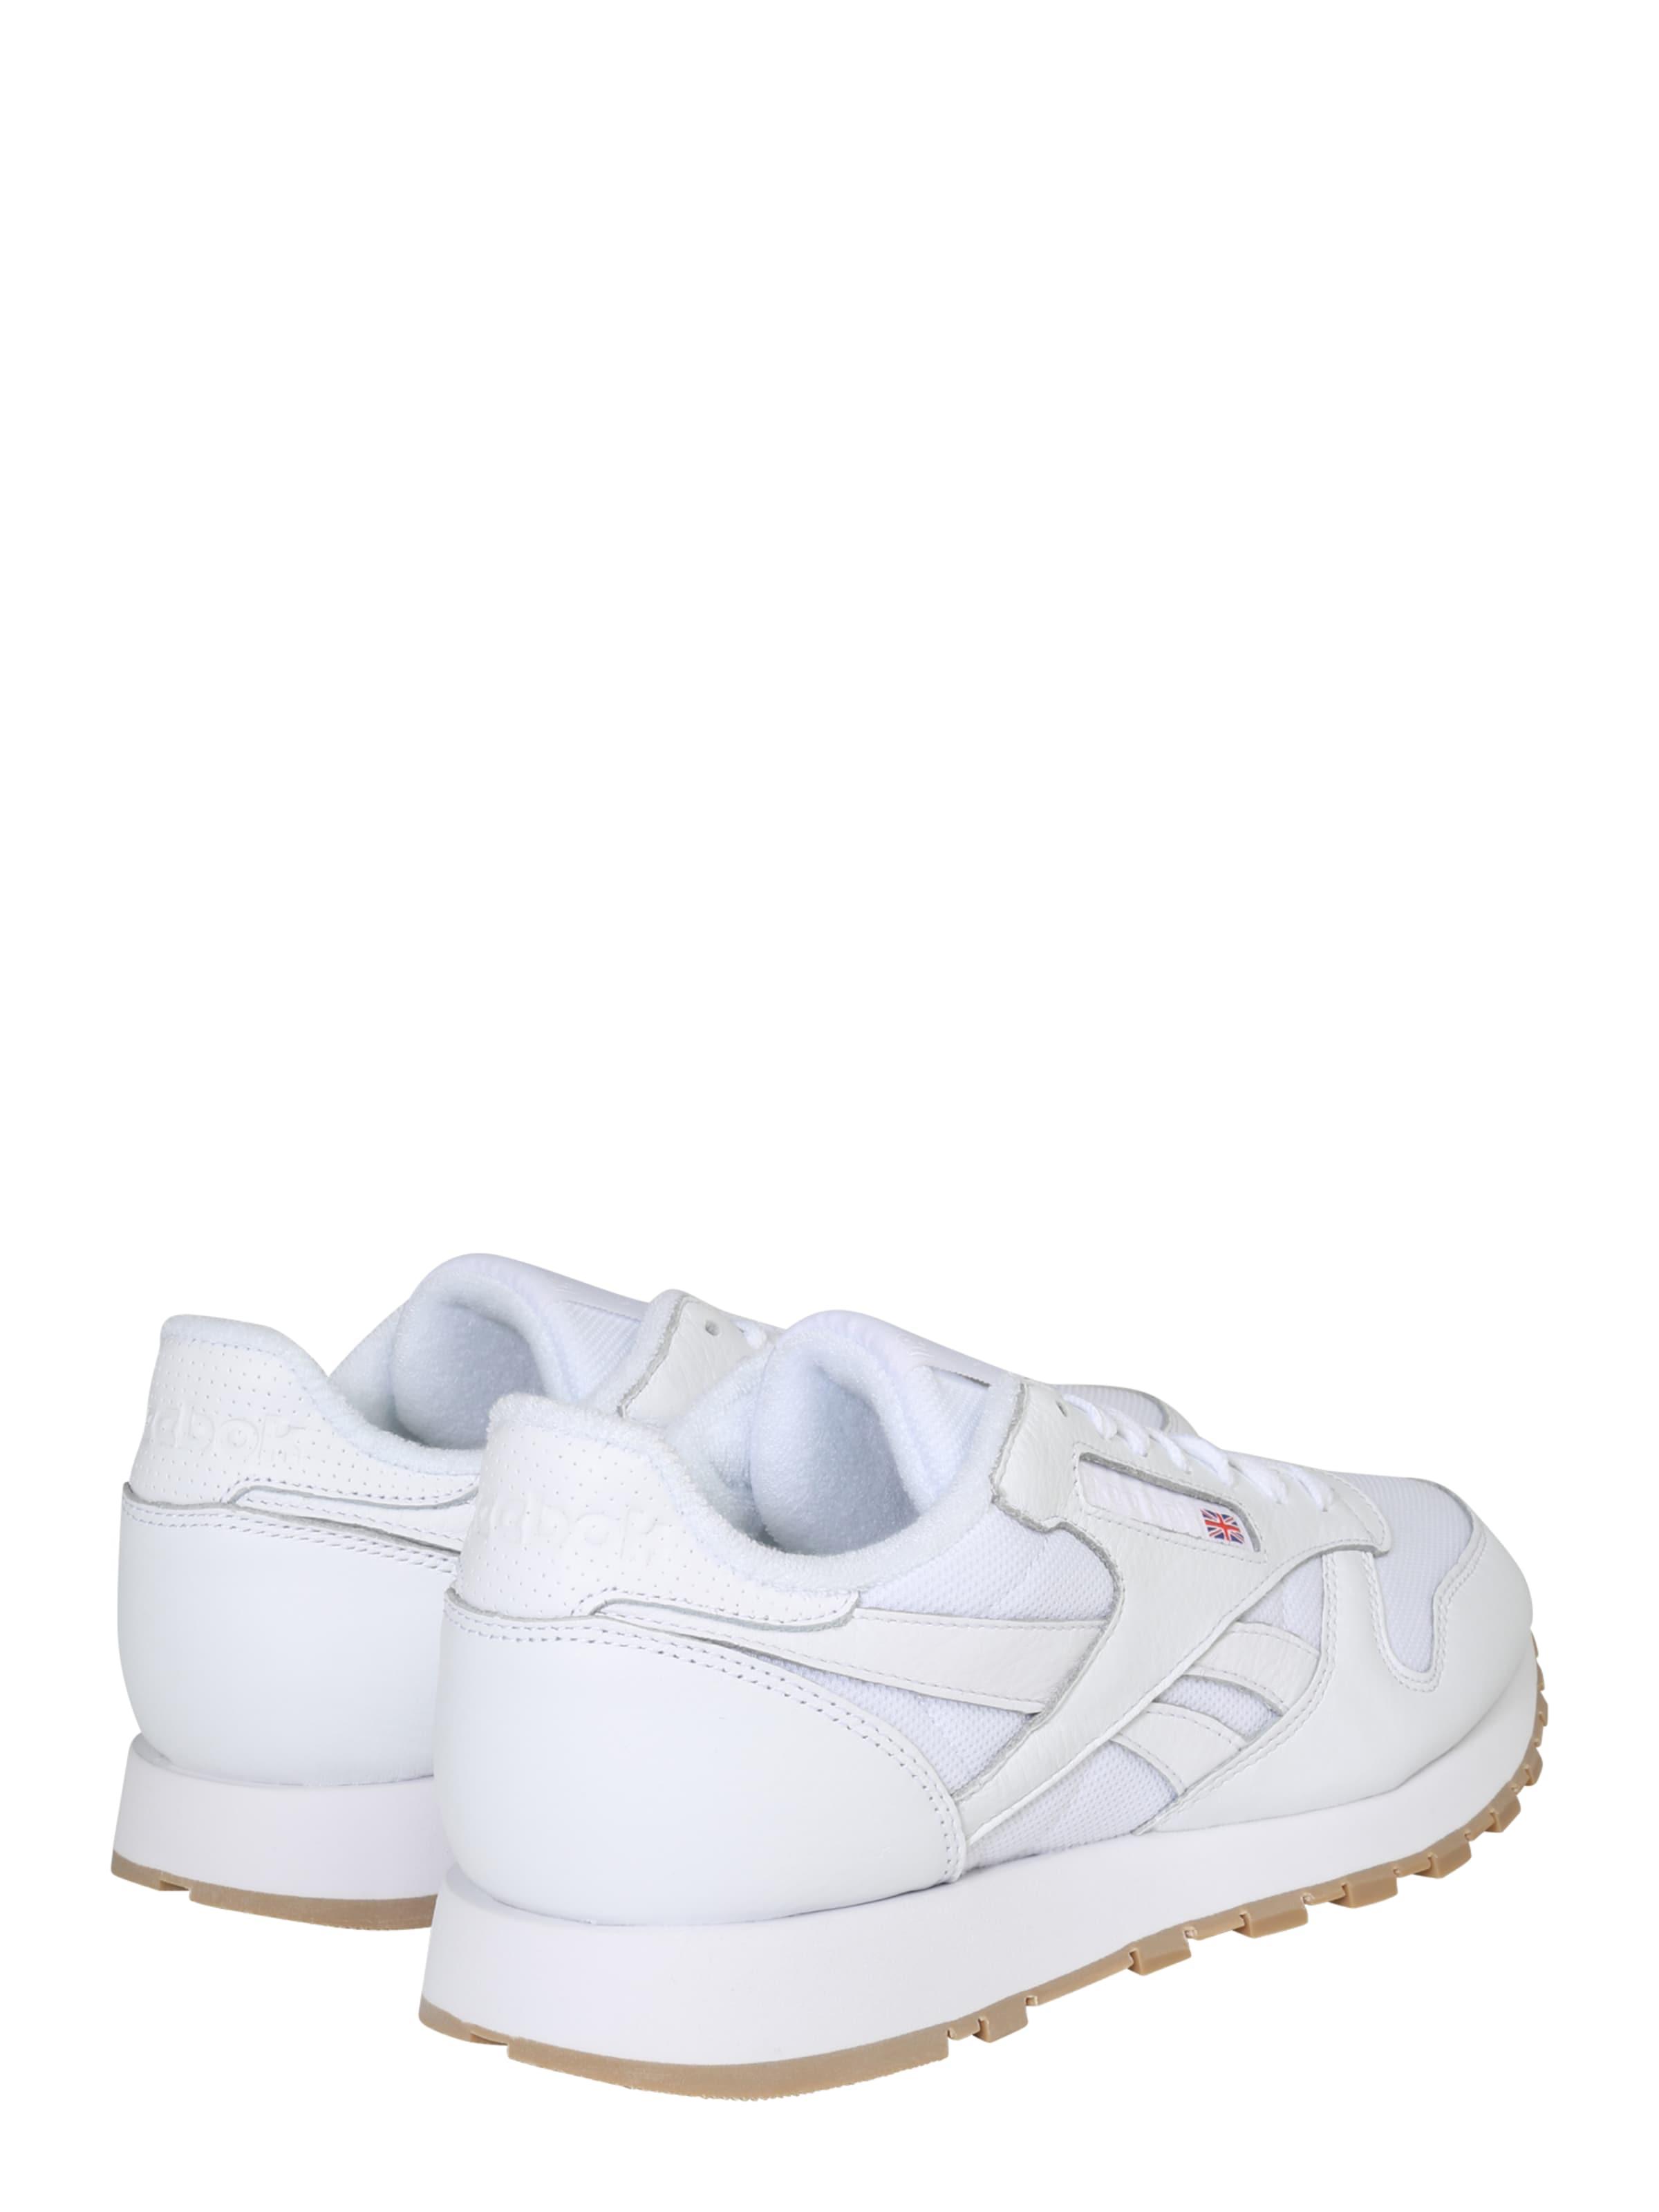 Reebok classic Sneaker mit Lederbesatz Günstig Kaufen Rabatte Steckdose Mit Master Ja Wirklich Factory-Outlet-Verkauf Online Footlocker Zum Verkauf 674iULFgww